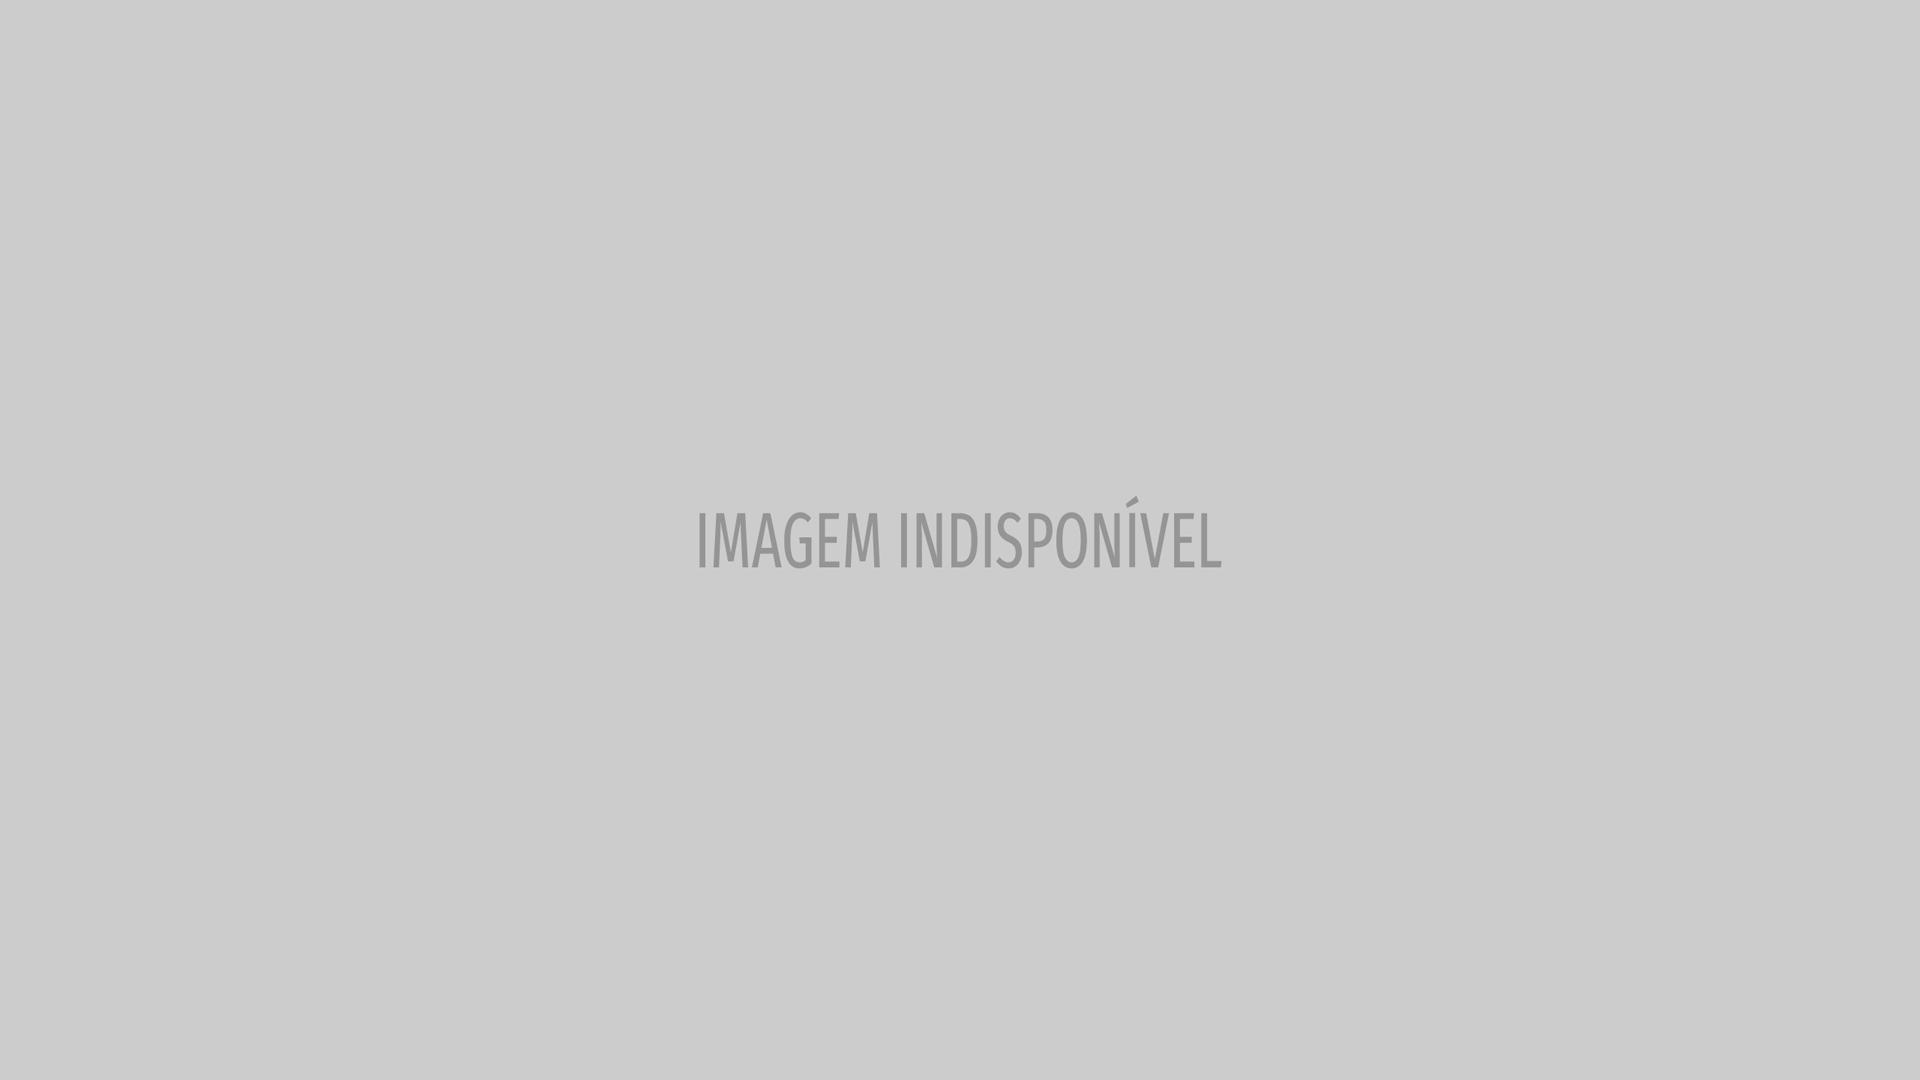 Iggy Azalea posta teaser de clipe 'Switch', hit em parceria com Anitta